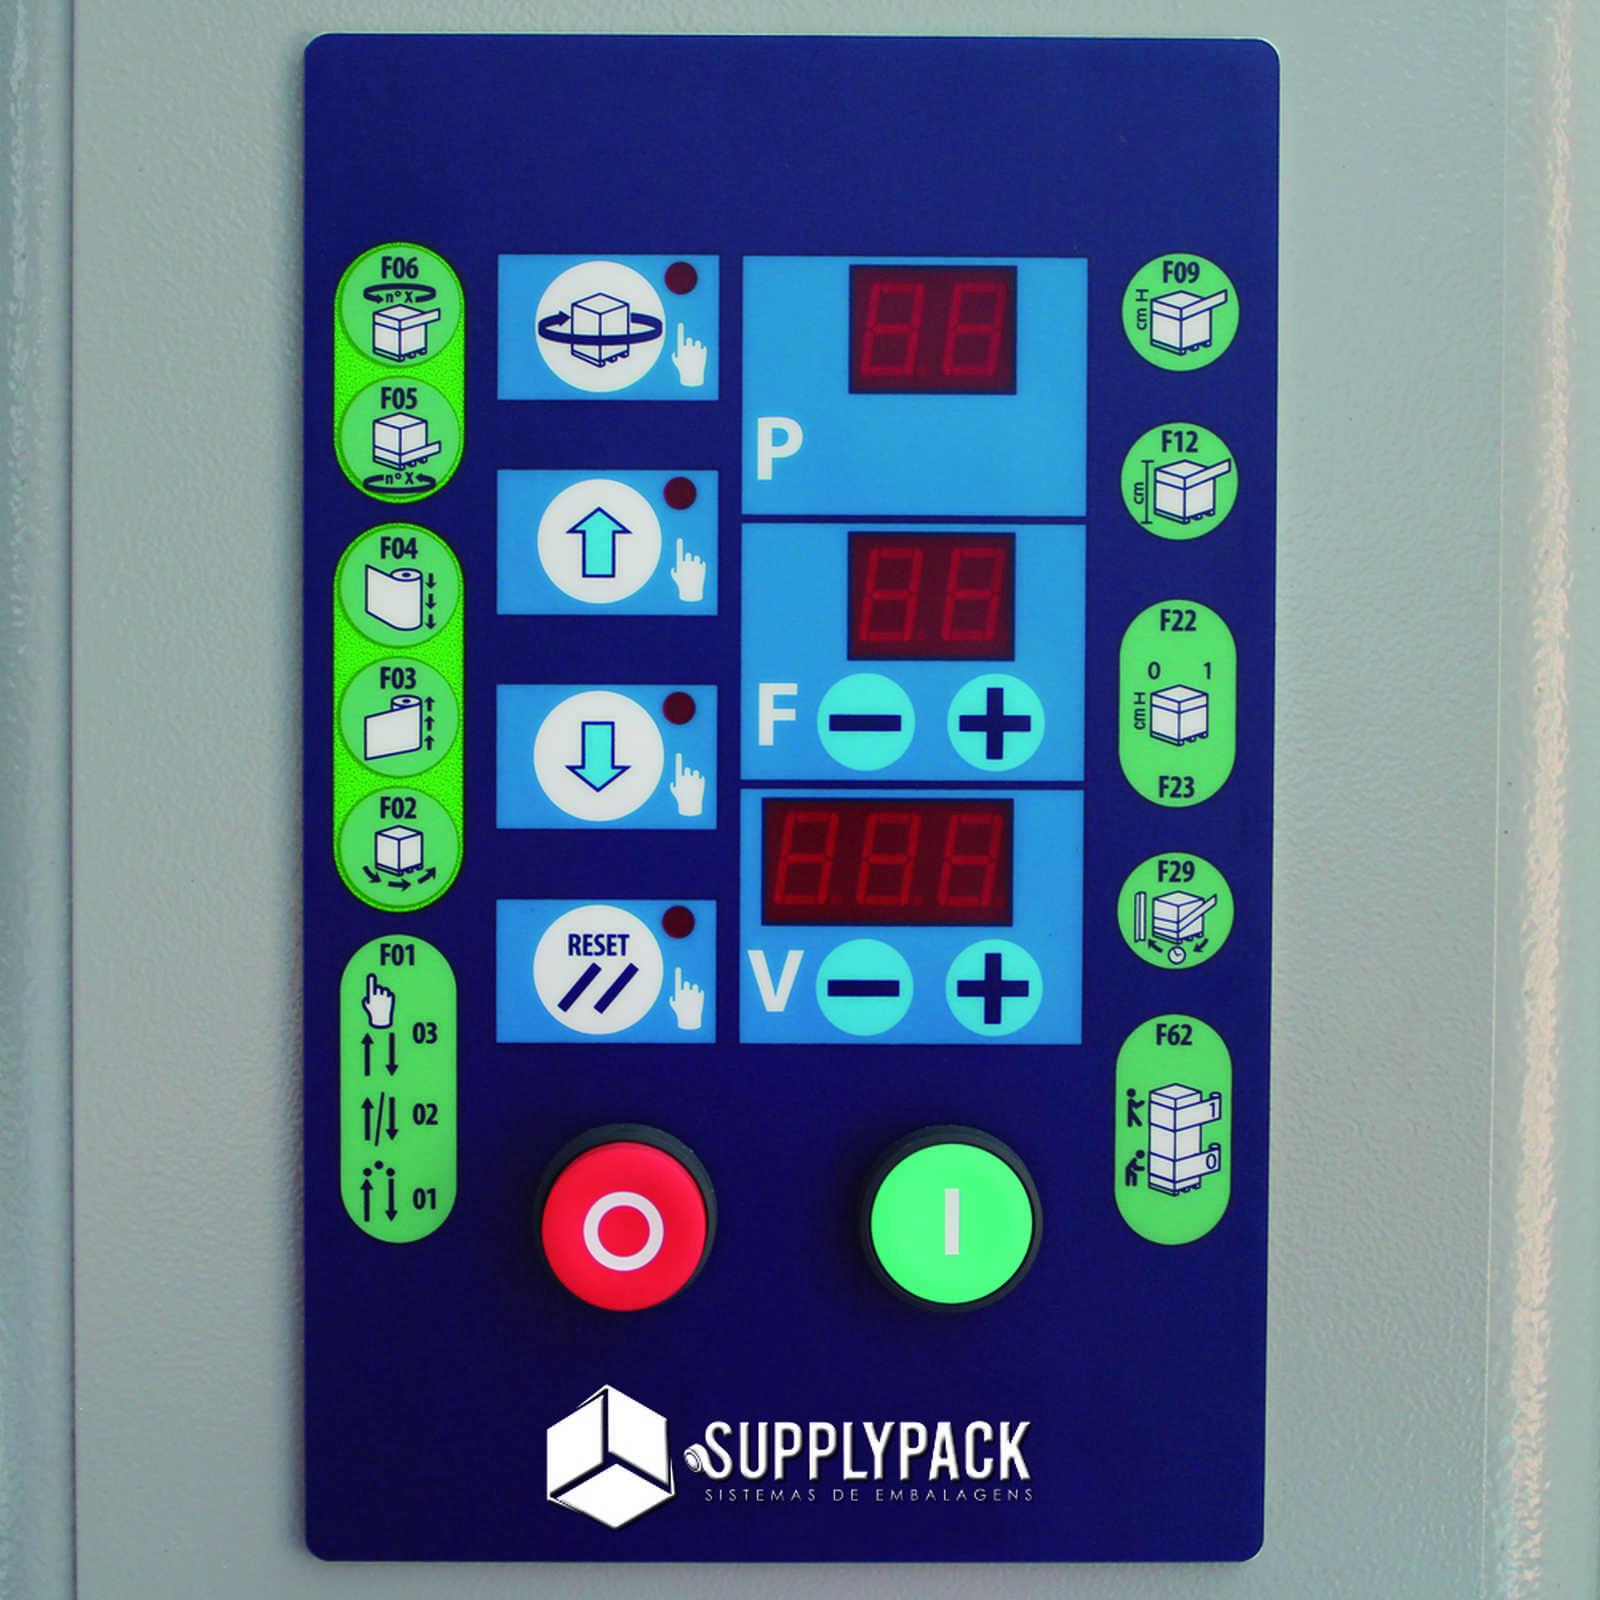 Envolvedora semi-Automática de Filmes Stretch Venda e Locação Supplypack